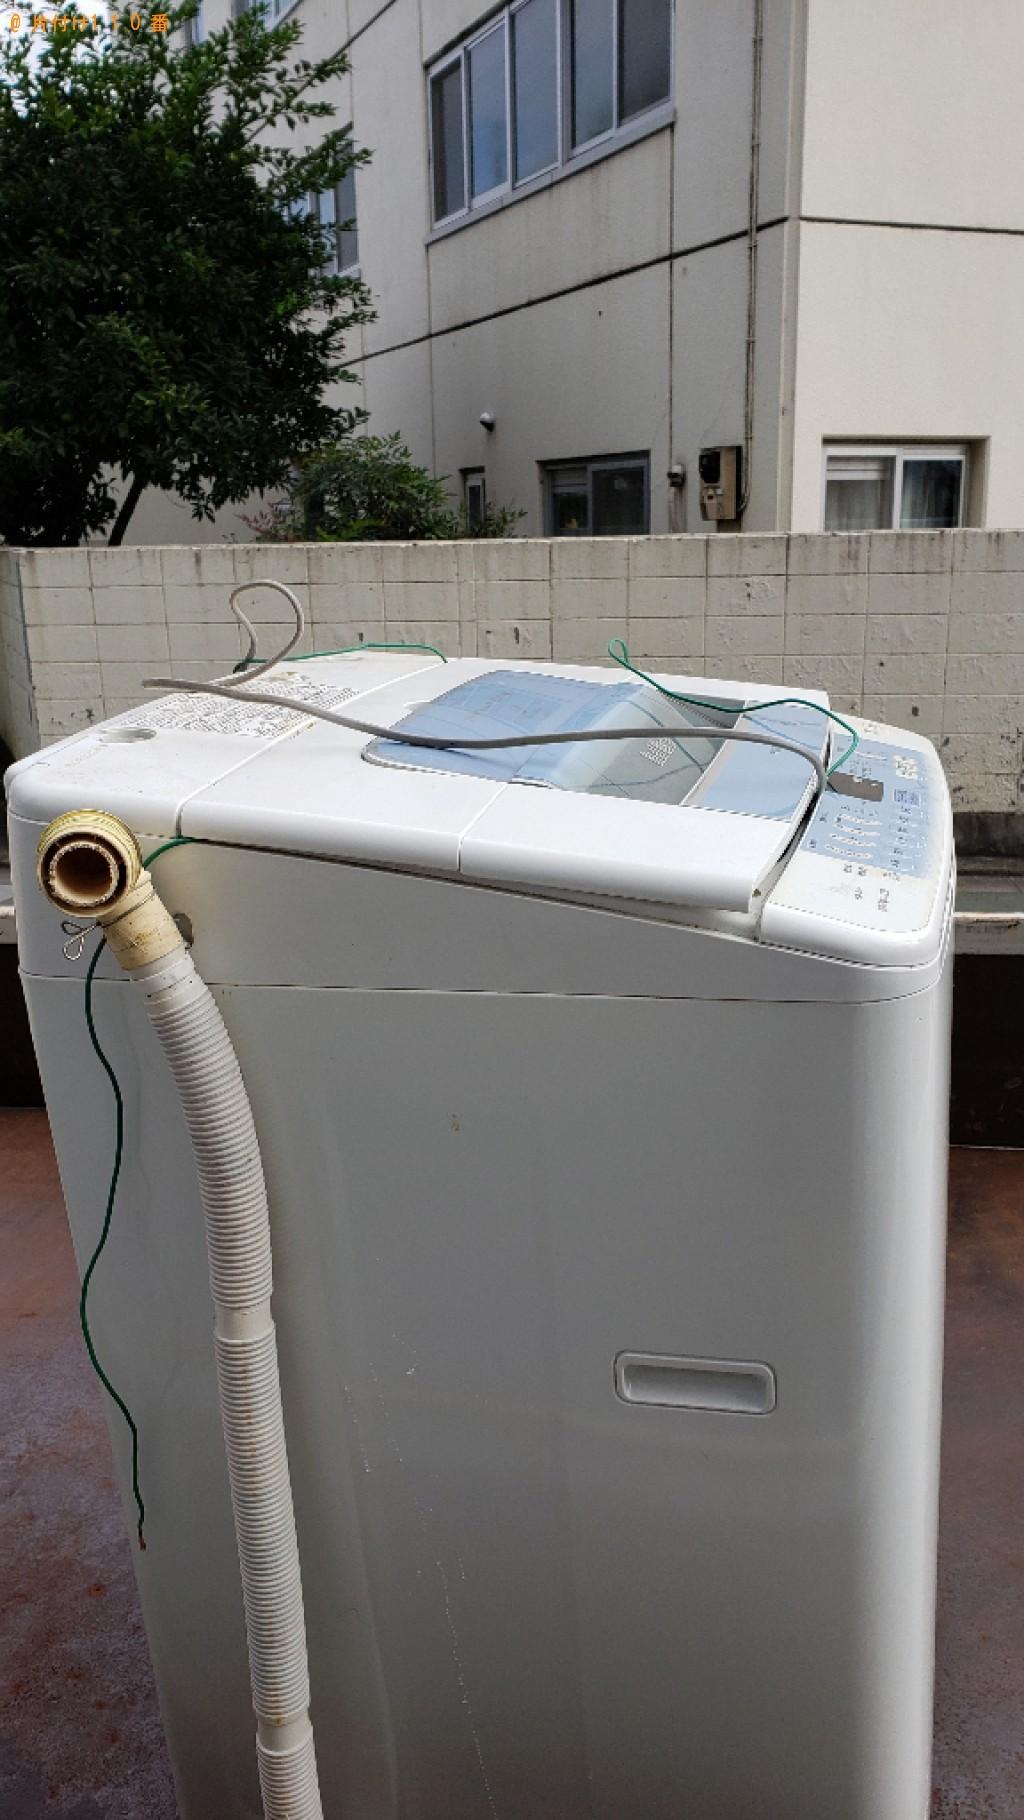 【前橋市】洗濯機の回収・処分ご依頼 お客様の声